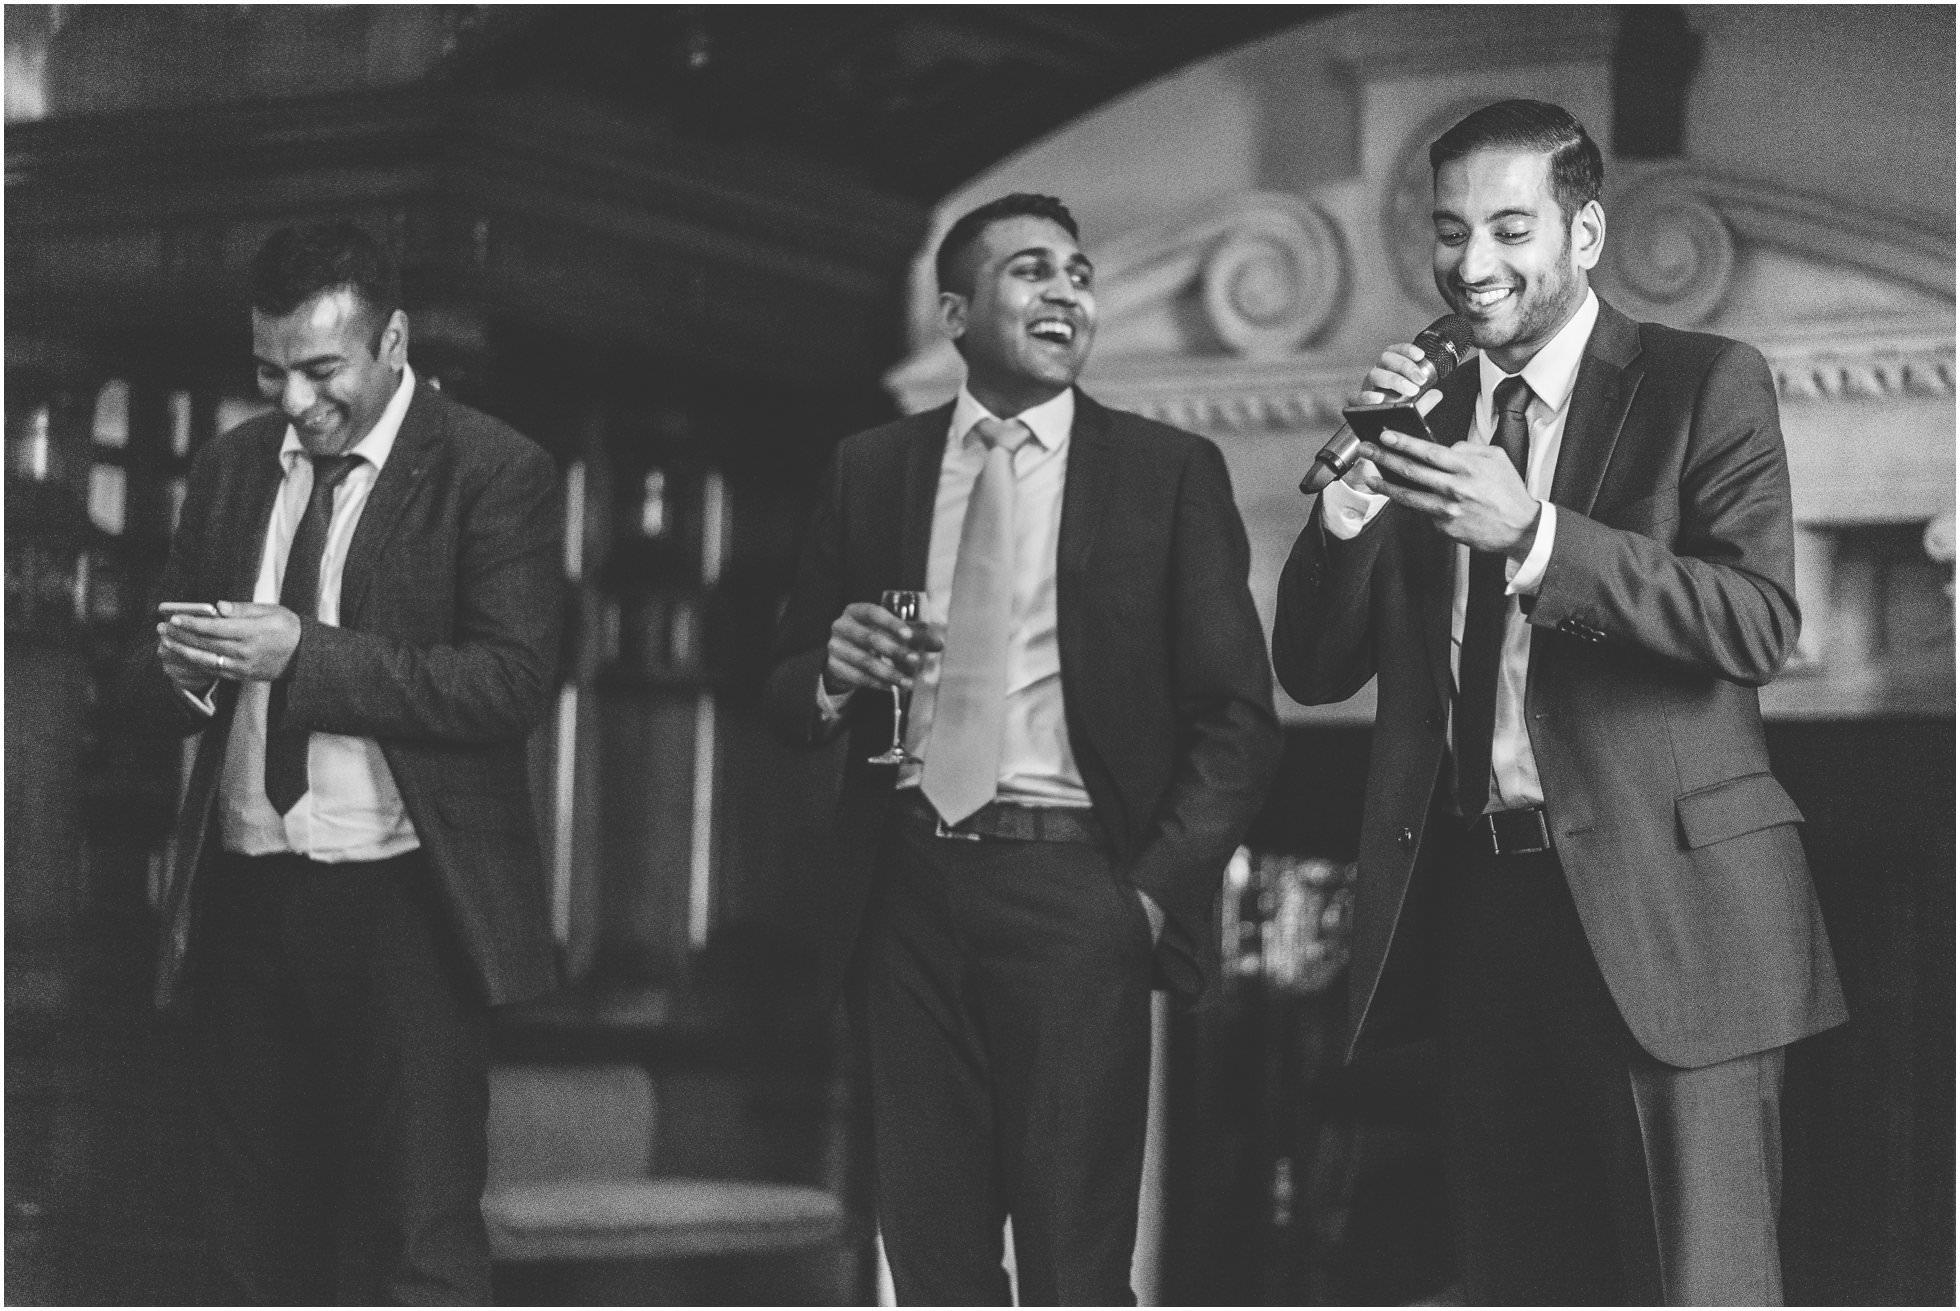 The best men delivering their wedding speech.